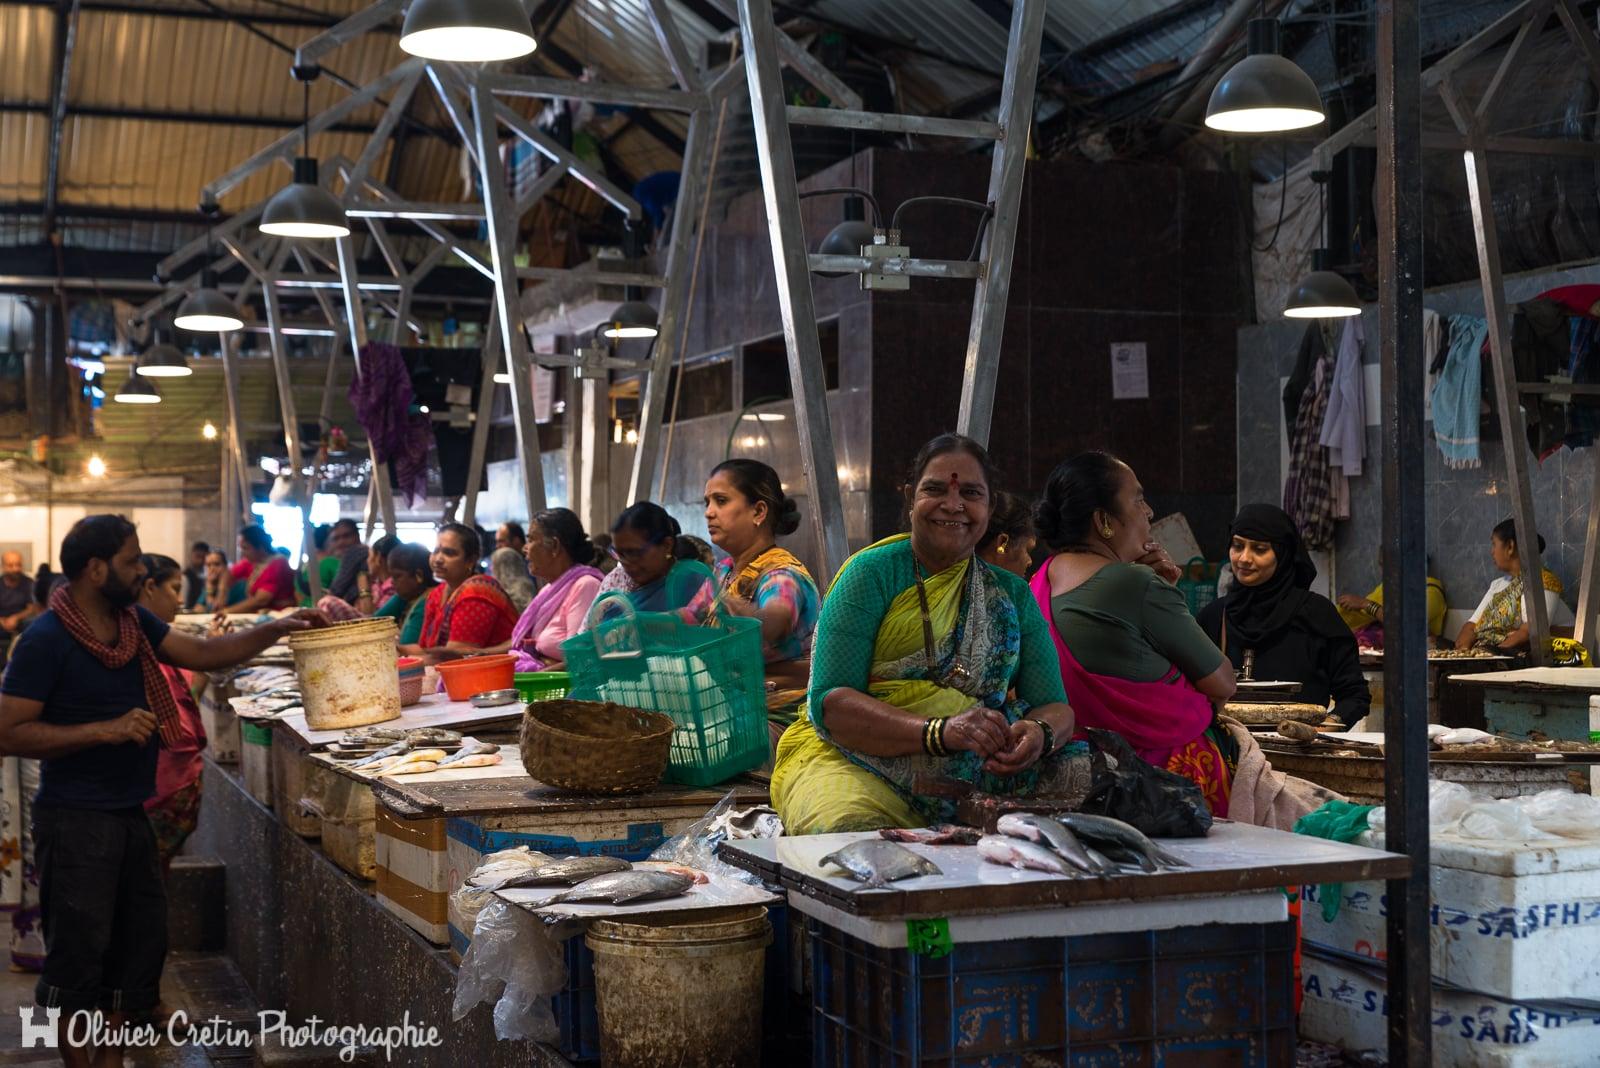 Inde - Mumbai - Alignement de poissonnières (Null Bazar)